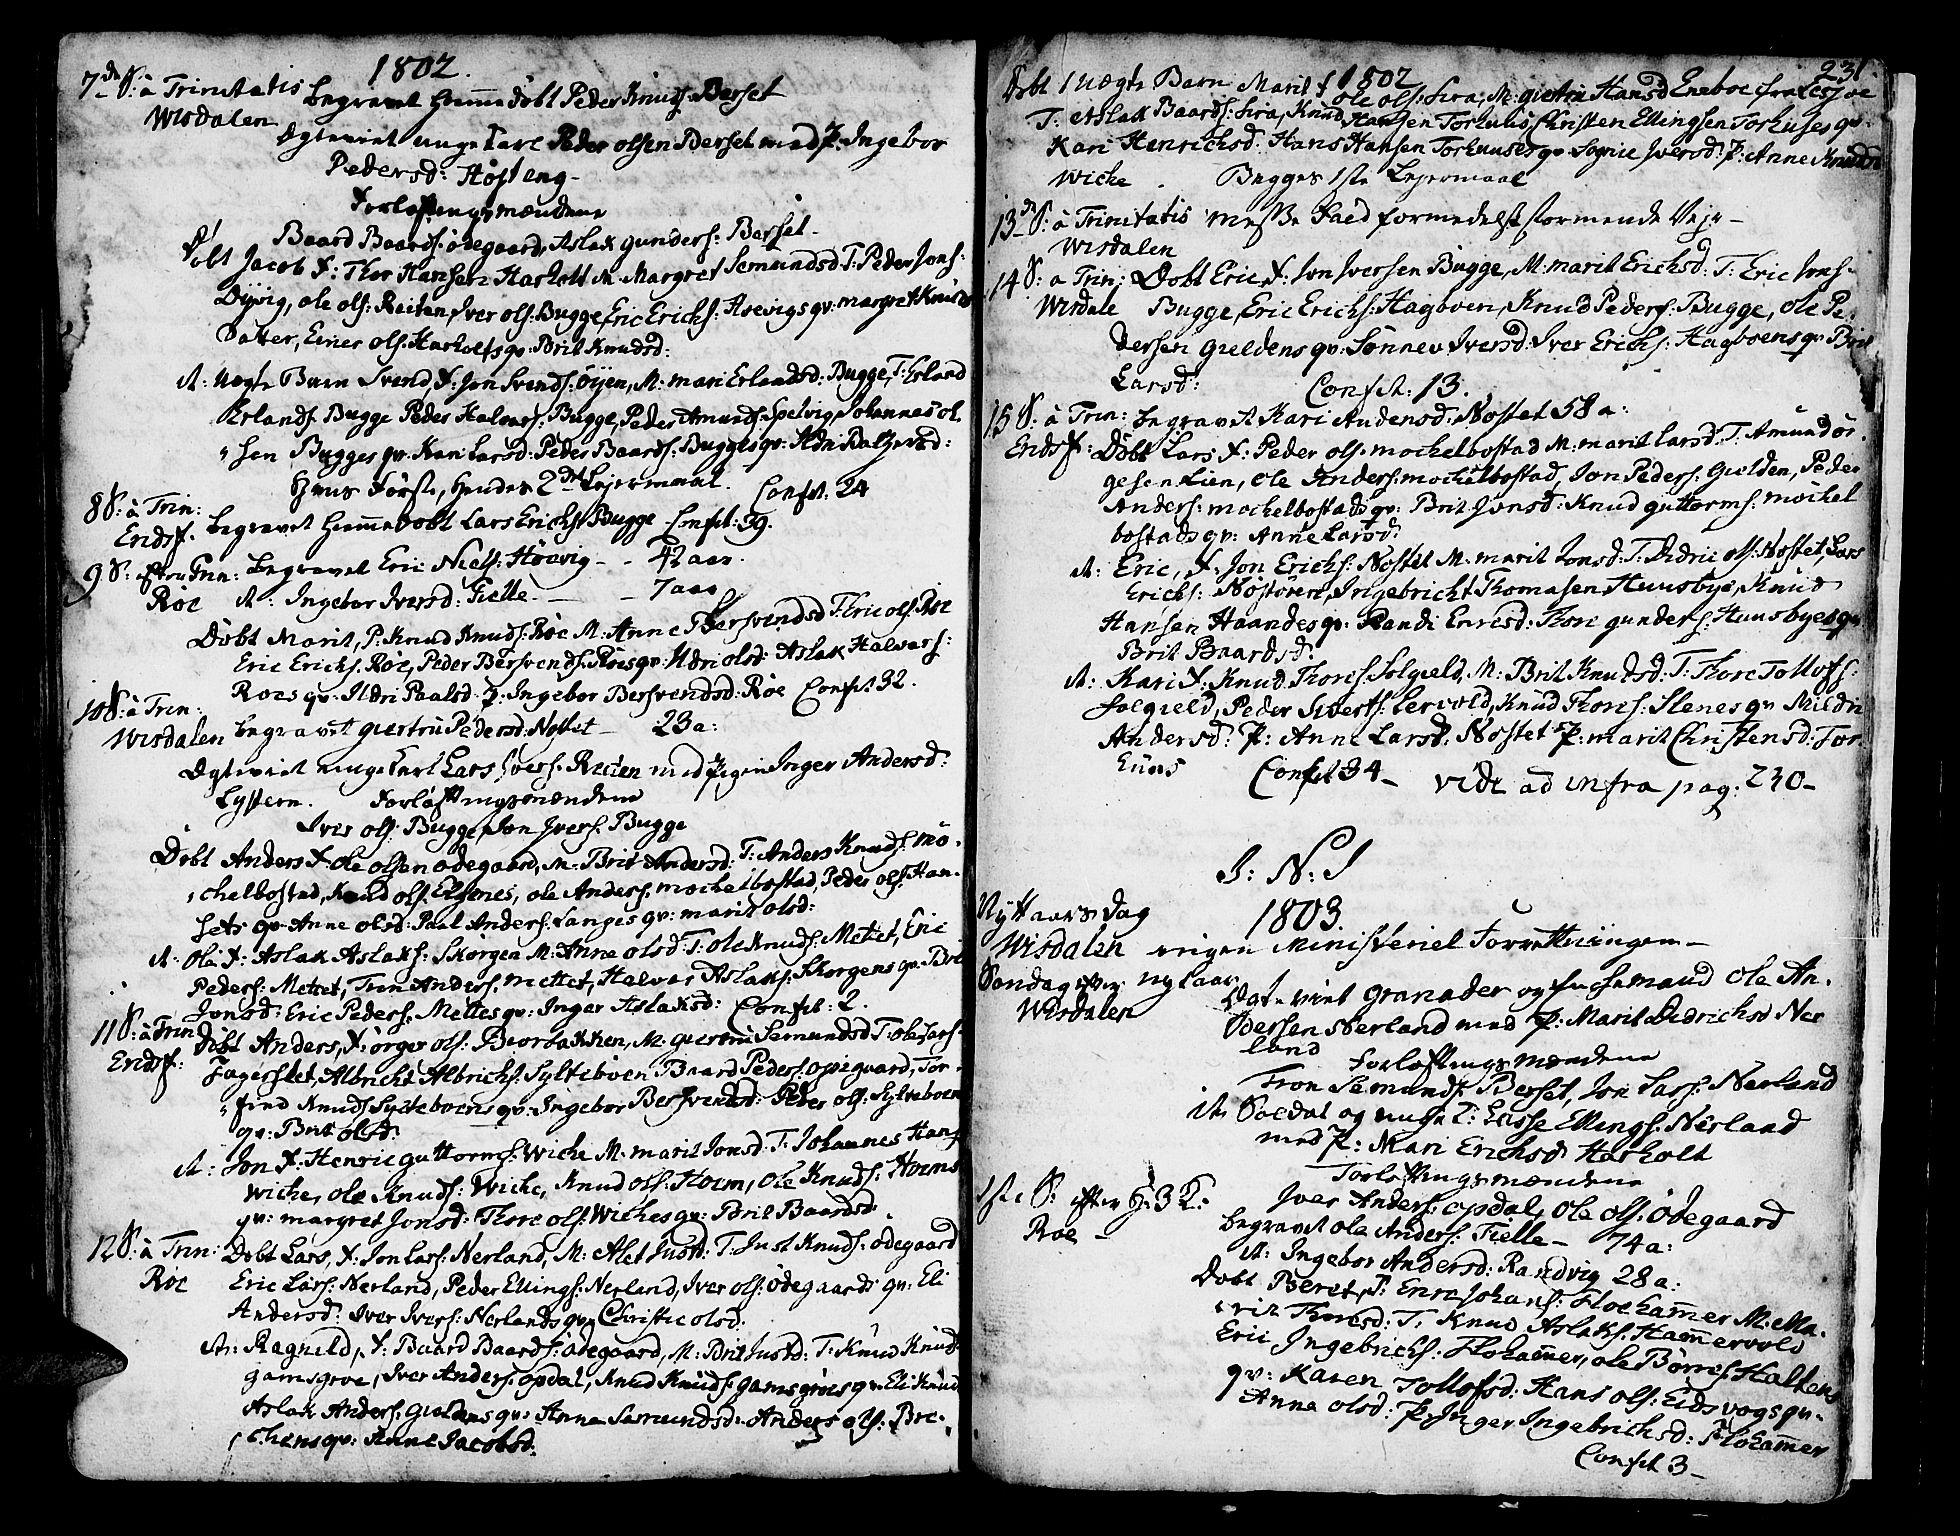 SAT, Ministerialprotokoller, klokkerbøker og fødselsregistre - Møre og Romsdal, 551/L0621: Ministerialbok nr. 551A01, 1757-1803, s. 231